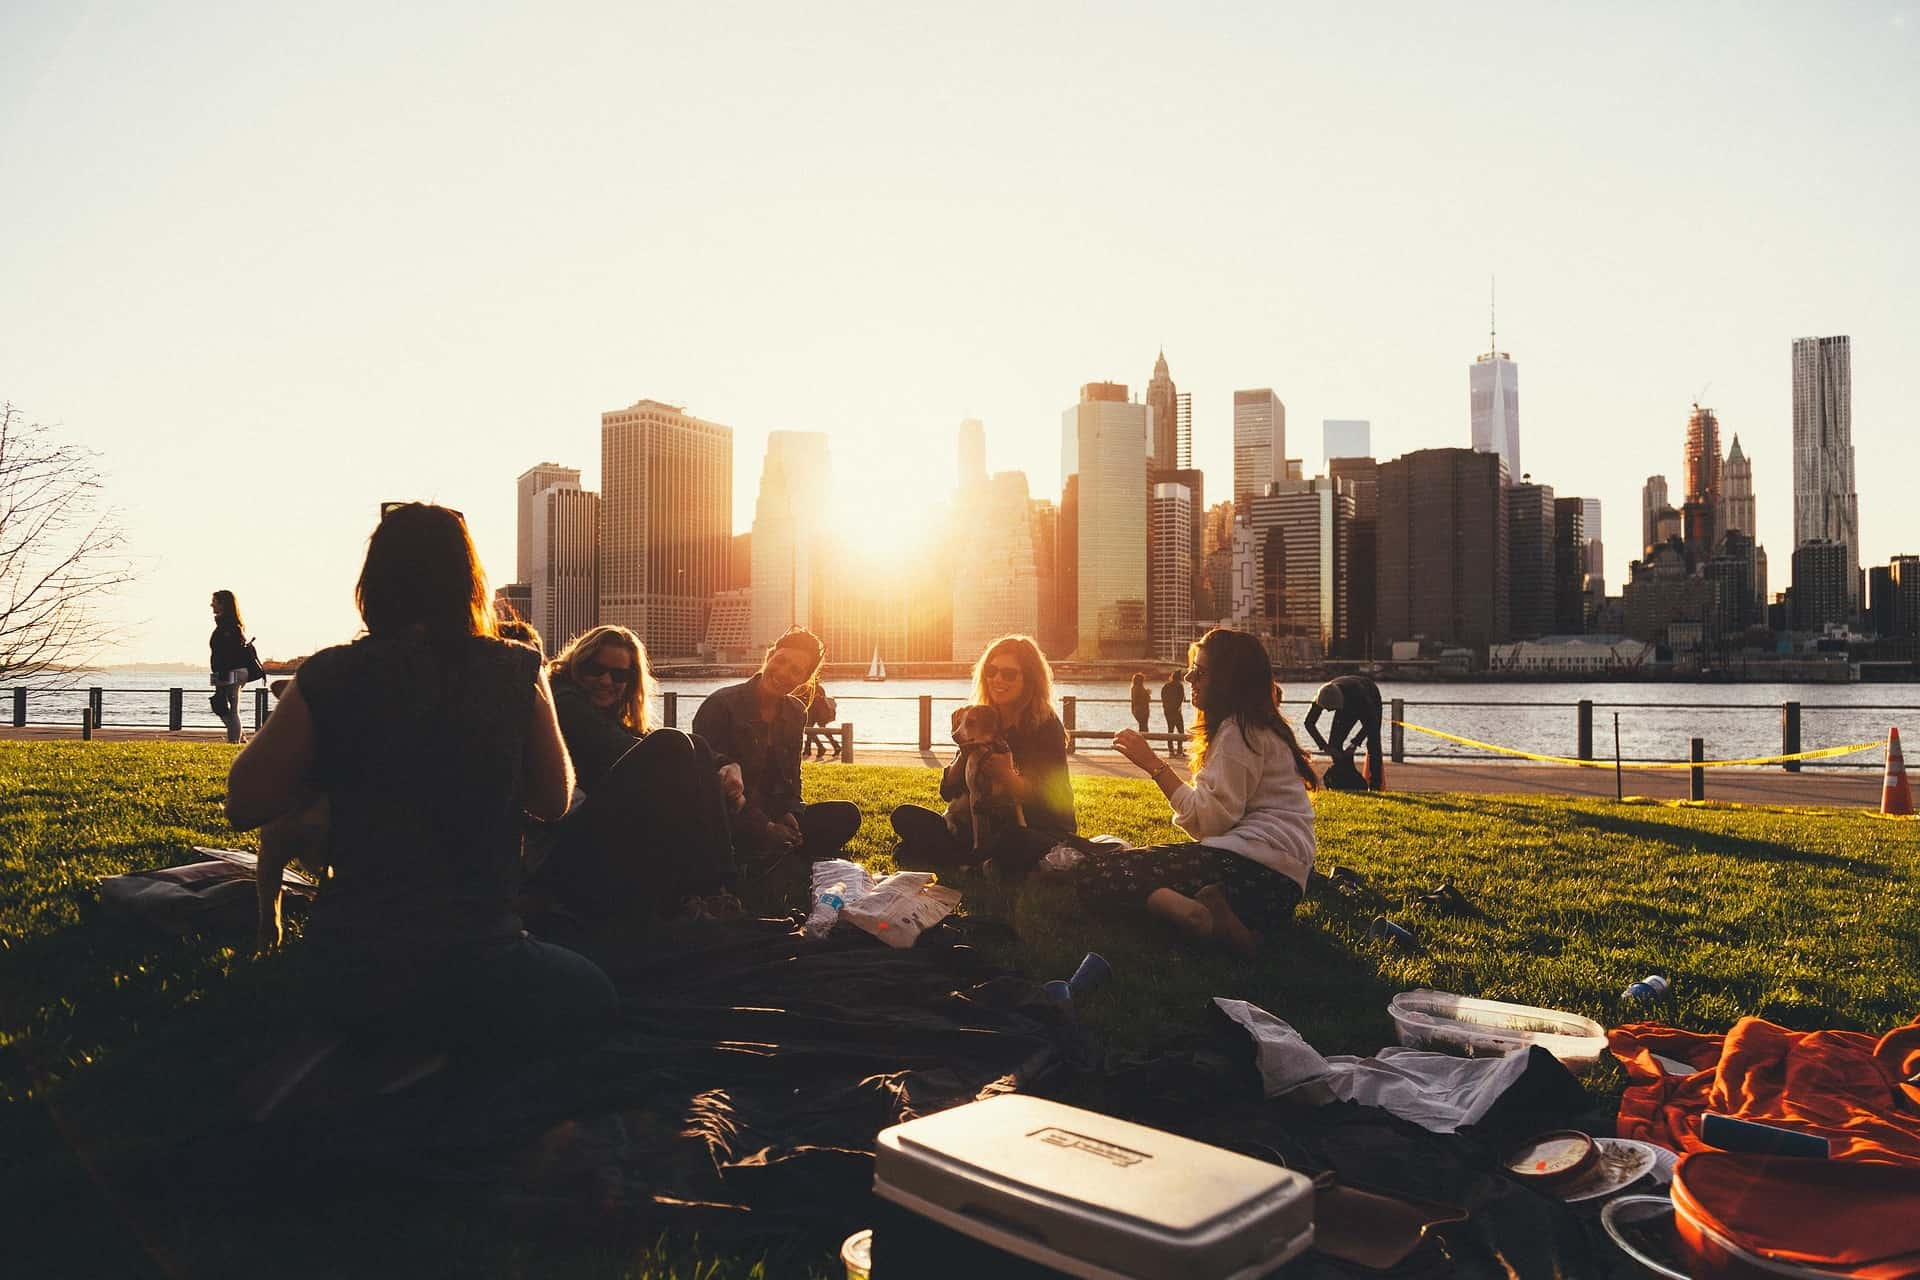 Picknickdecke: Test & Empfehlungen (08/20)